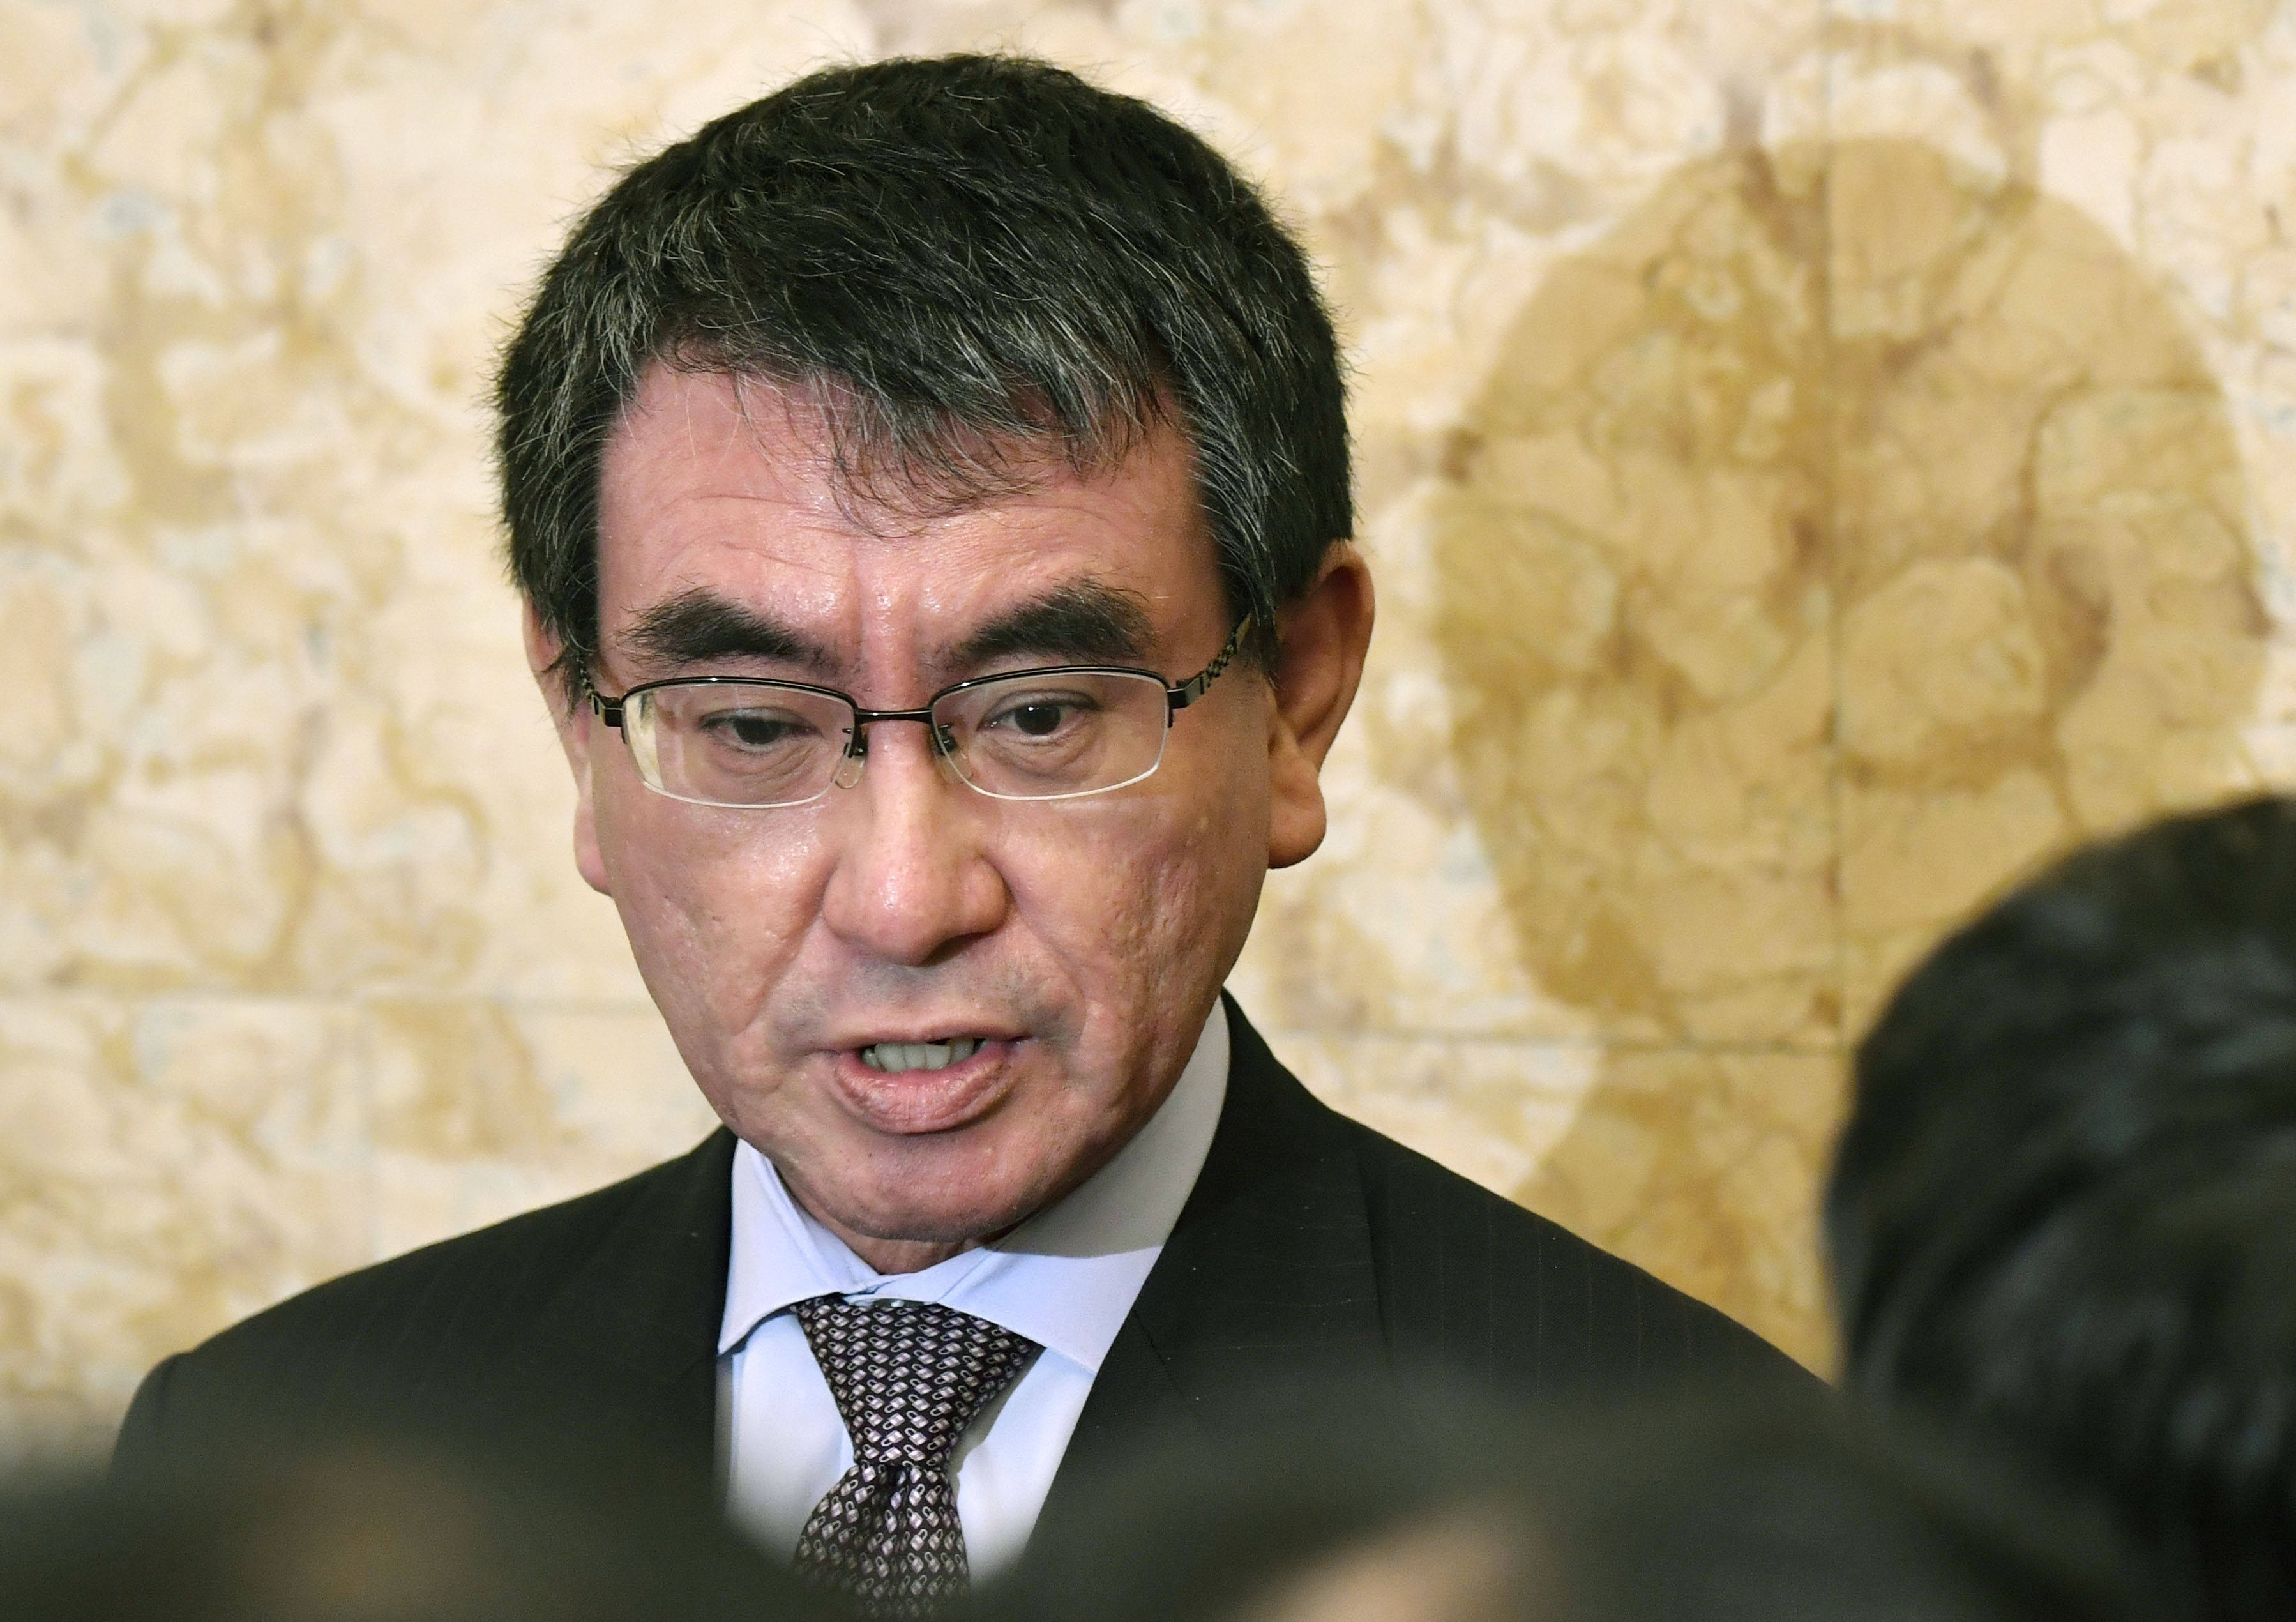 日本新冠疫苗供给不足,负责大臣:考虑只为民众接种一针